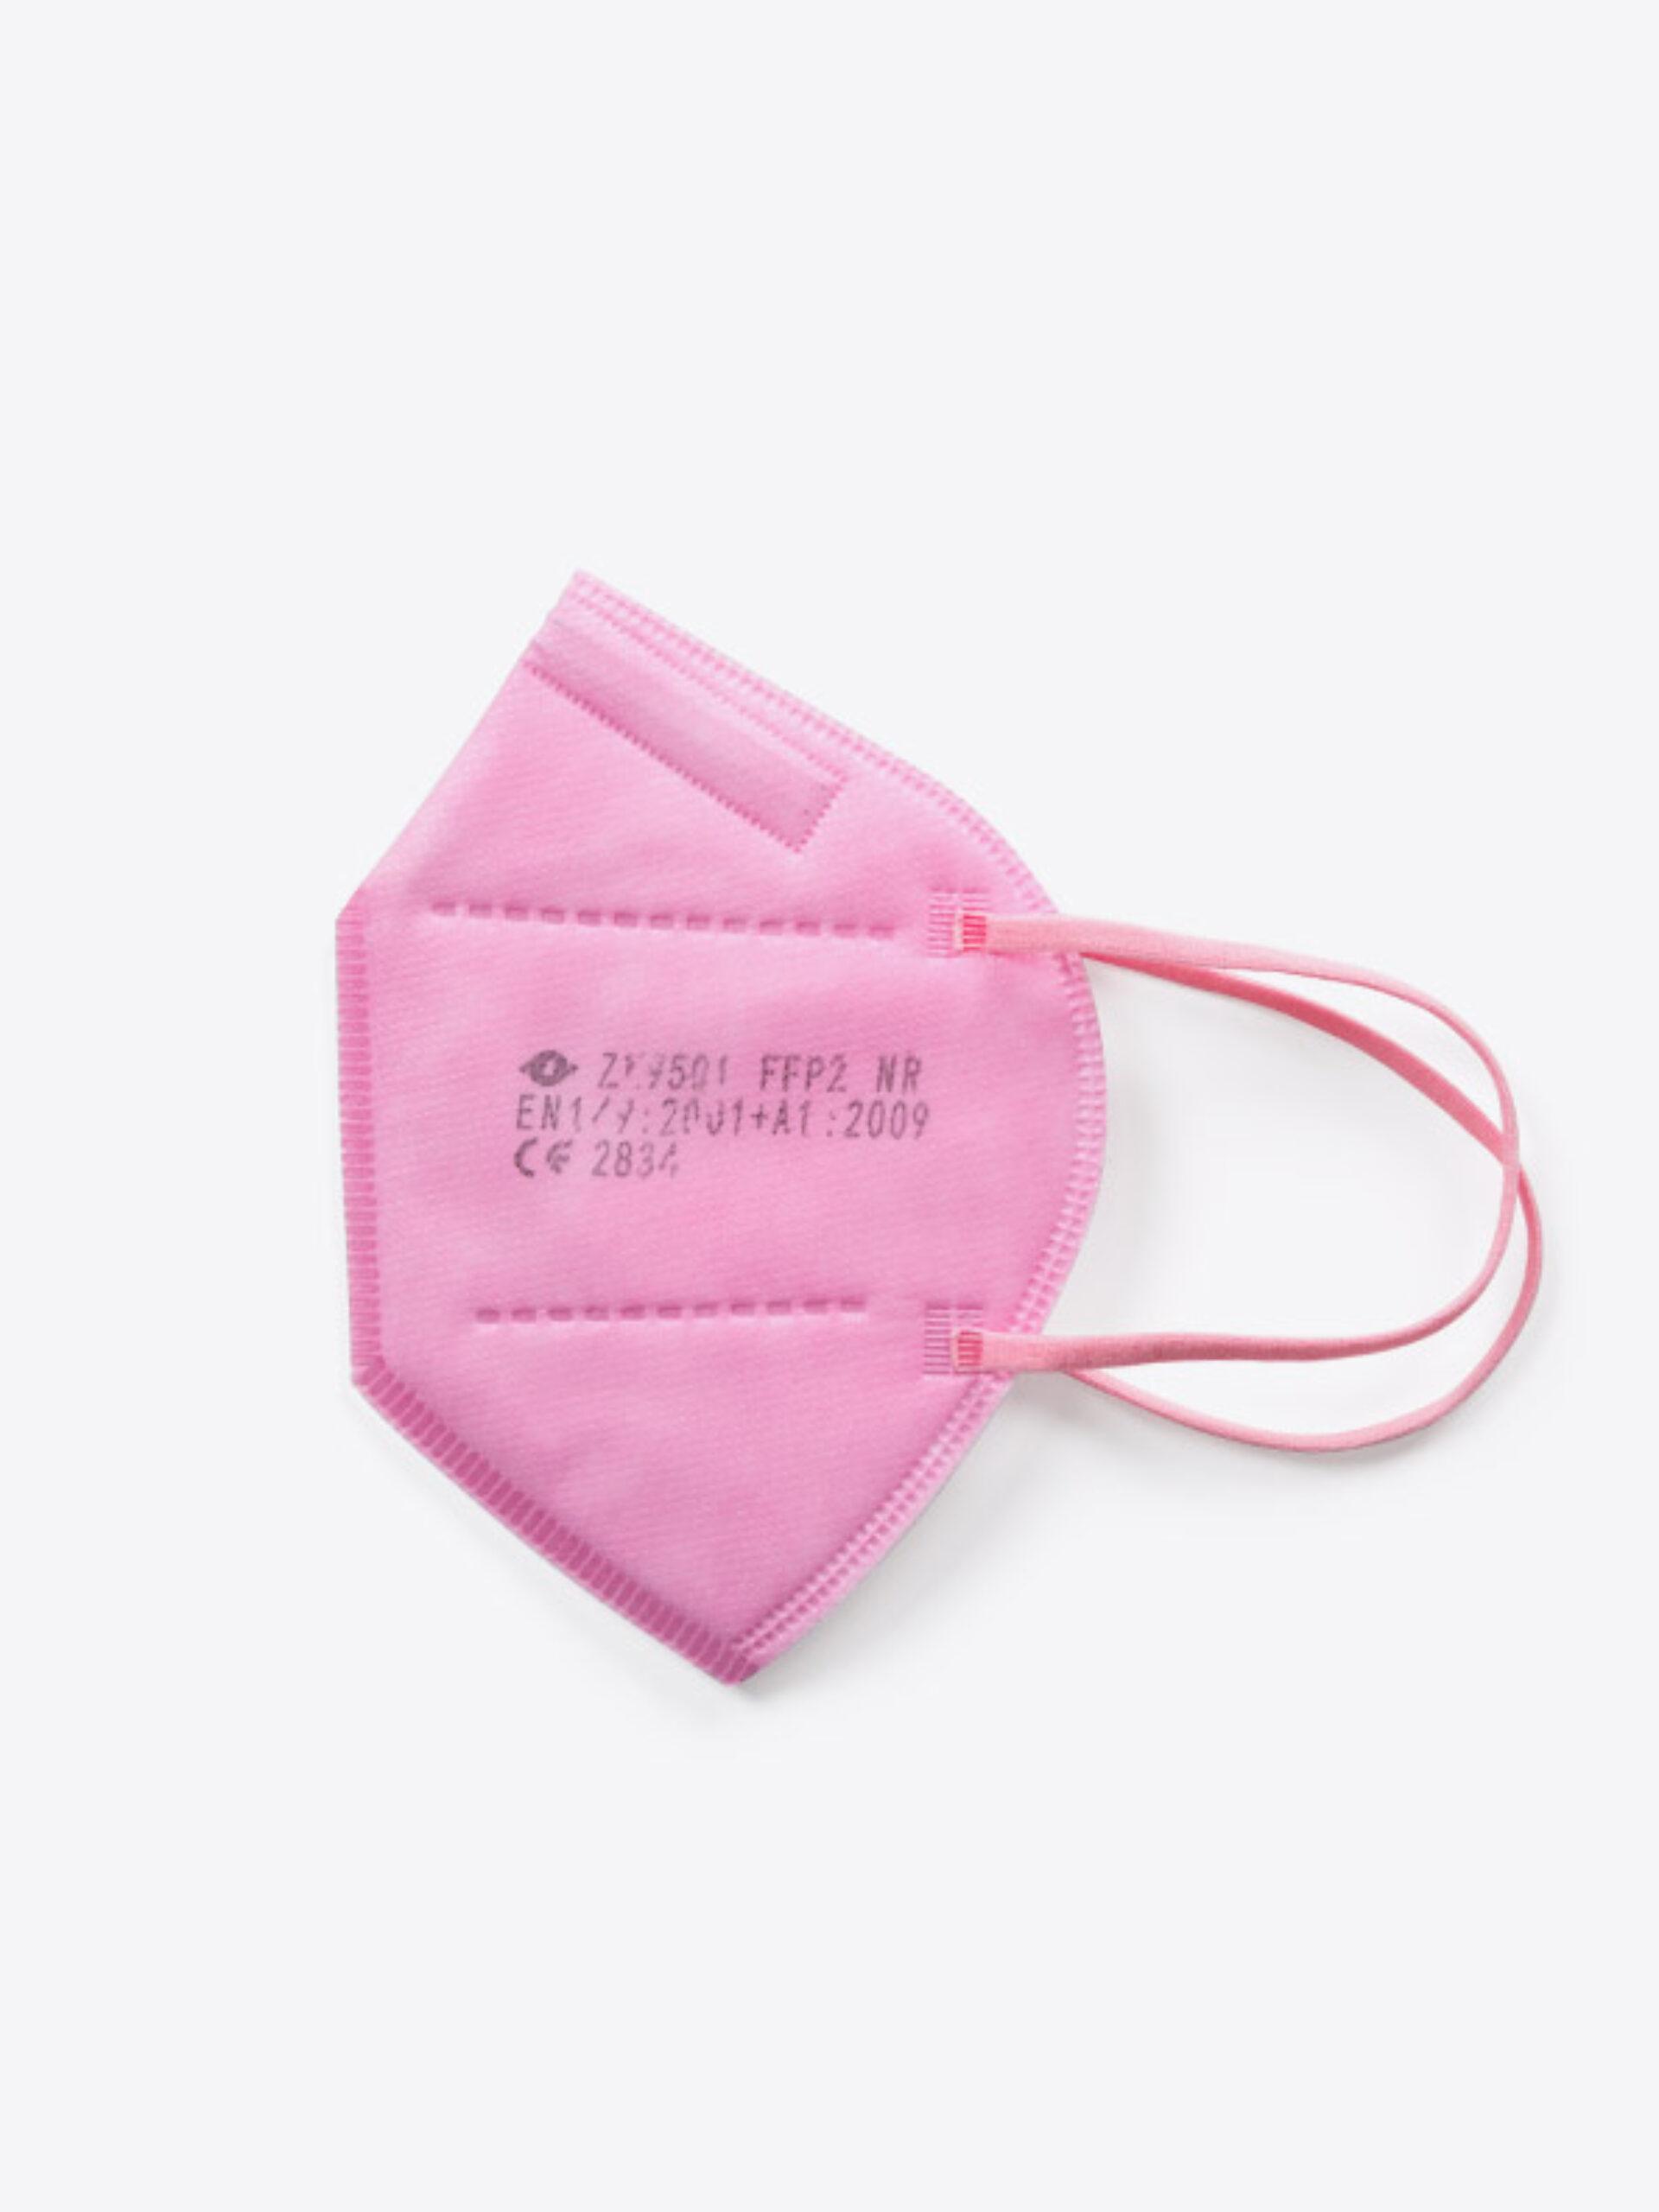 Ffp2 Schutzmaske Einwegmaske Pink Kaufen